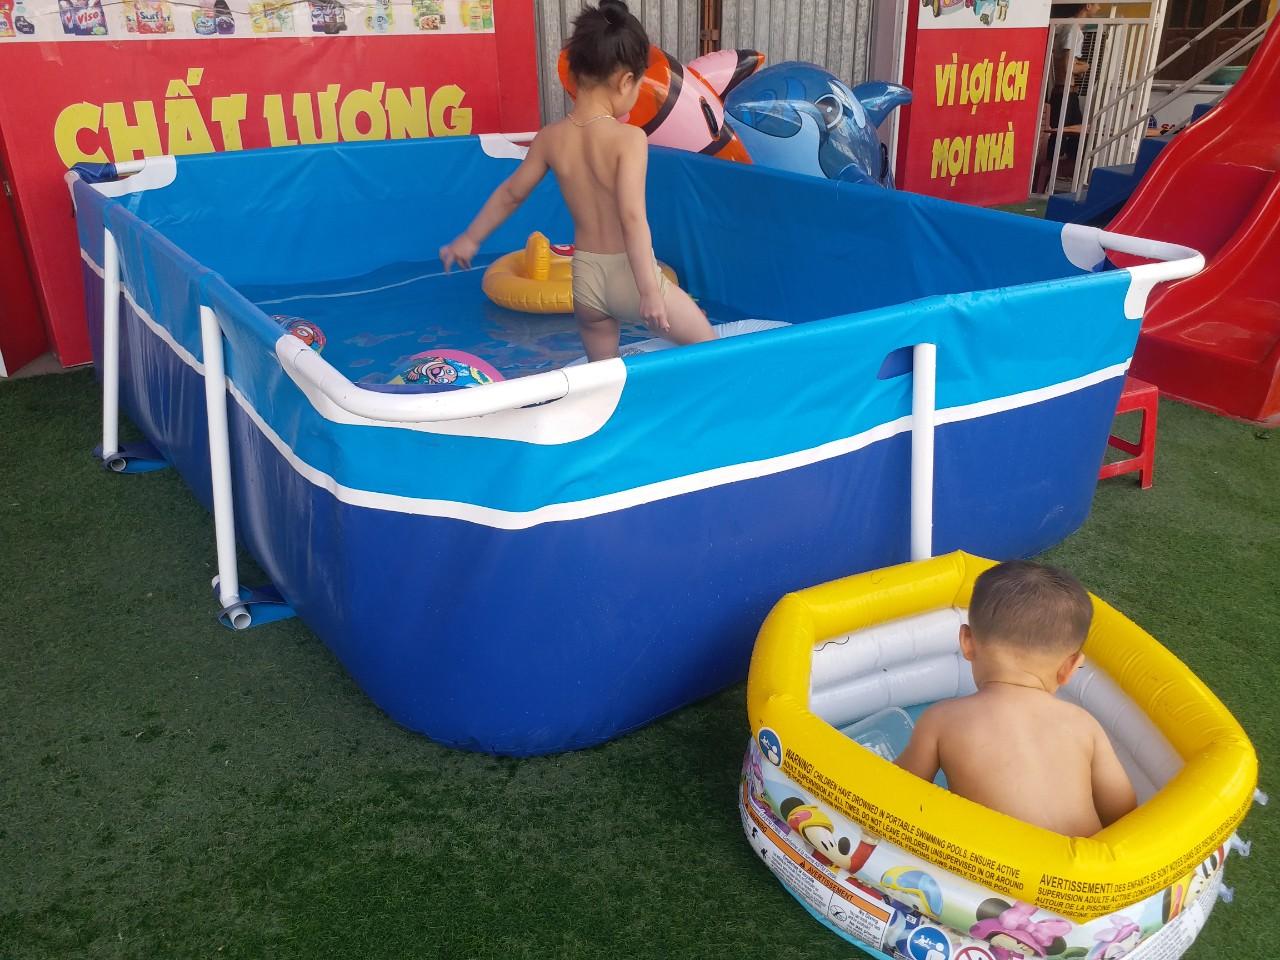 bé tắm trong hồ bơi trẻ em